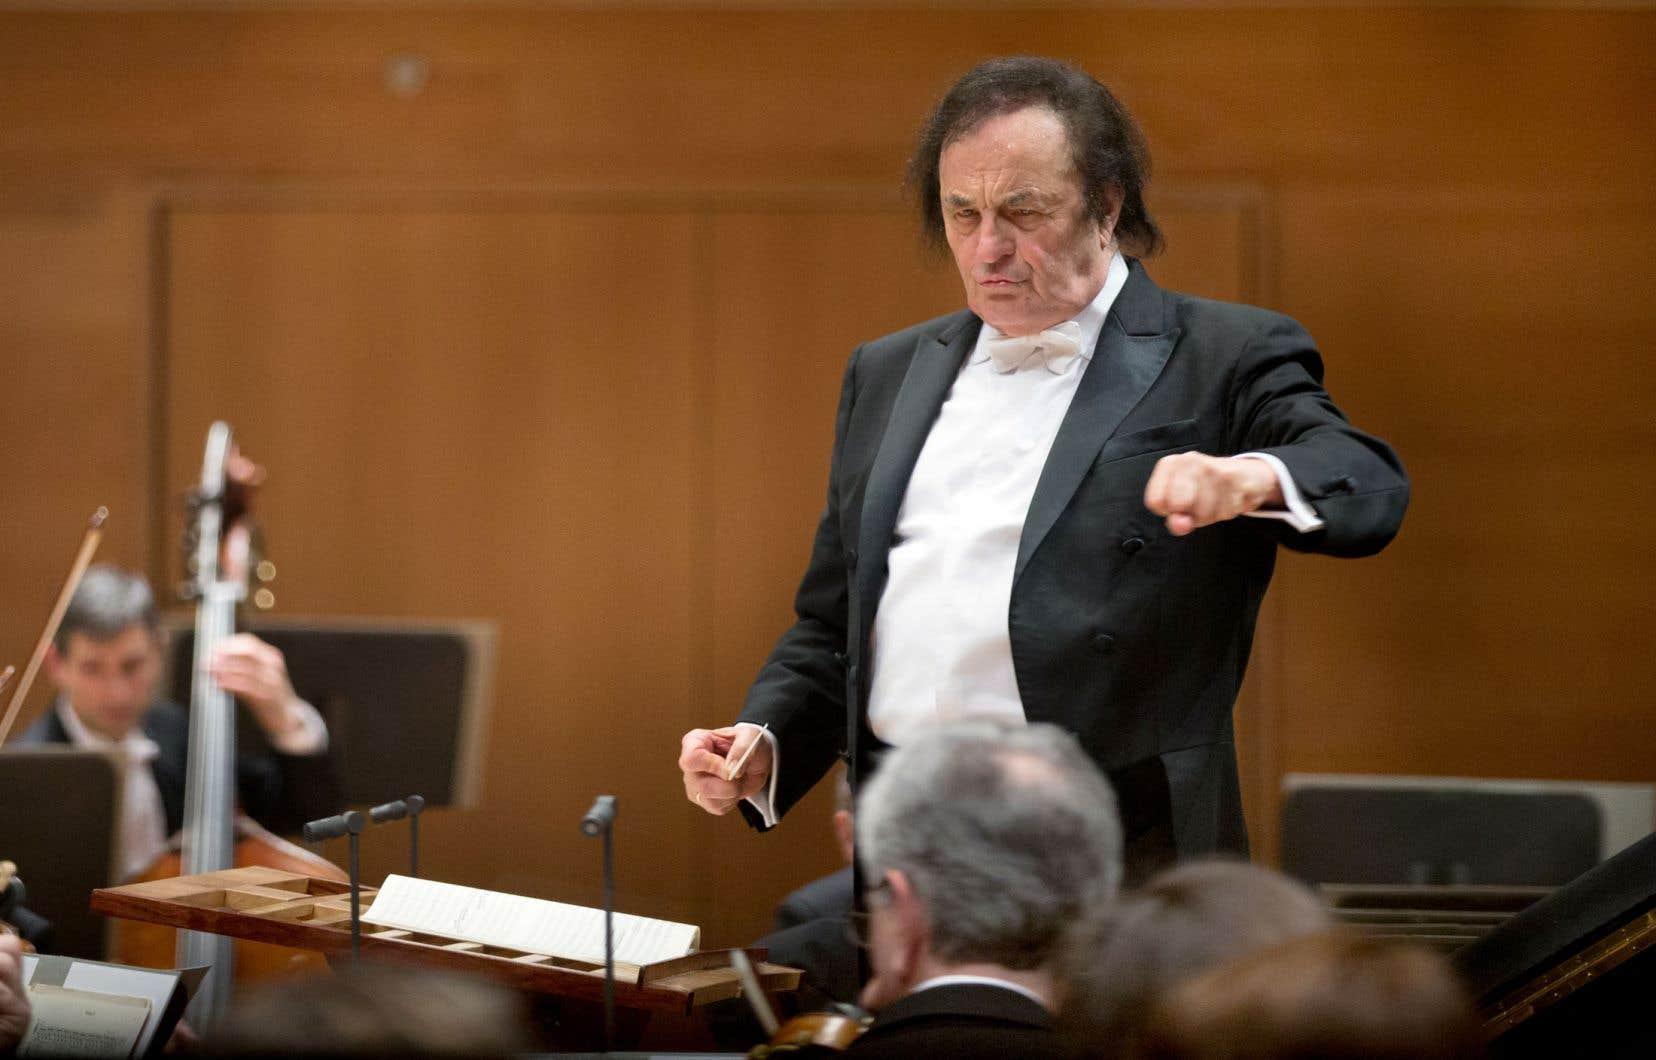 Le Royal Philharmonic Orchestra a précisé dans son communiquéqu'il entretient des relations avec plusieurs chefs d'orchestre invités, qui prendront le relais des projets de Charles Dutoit.